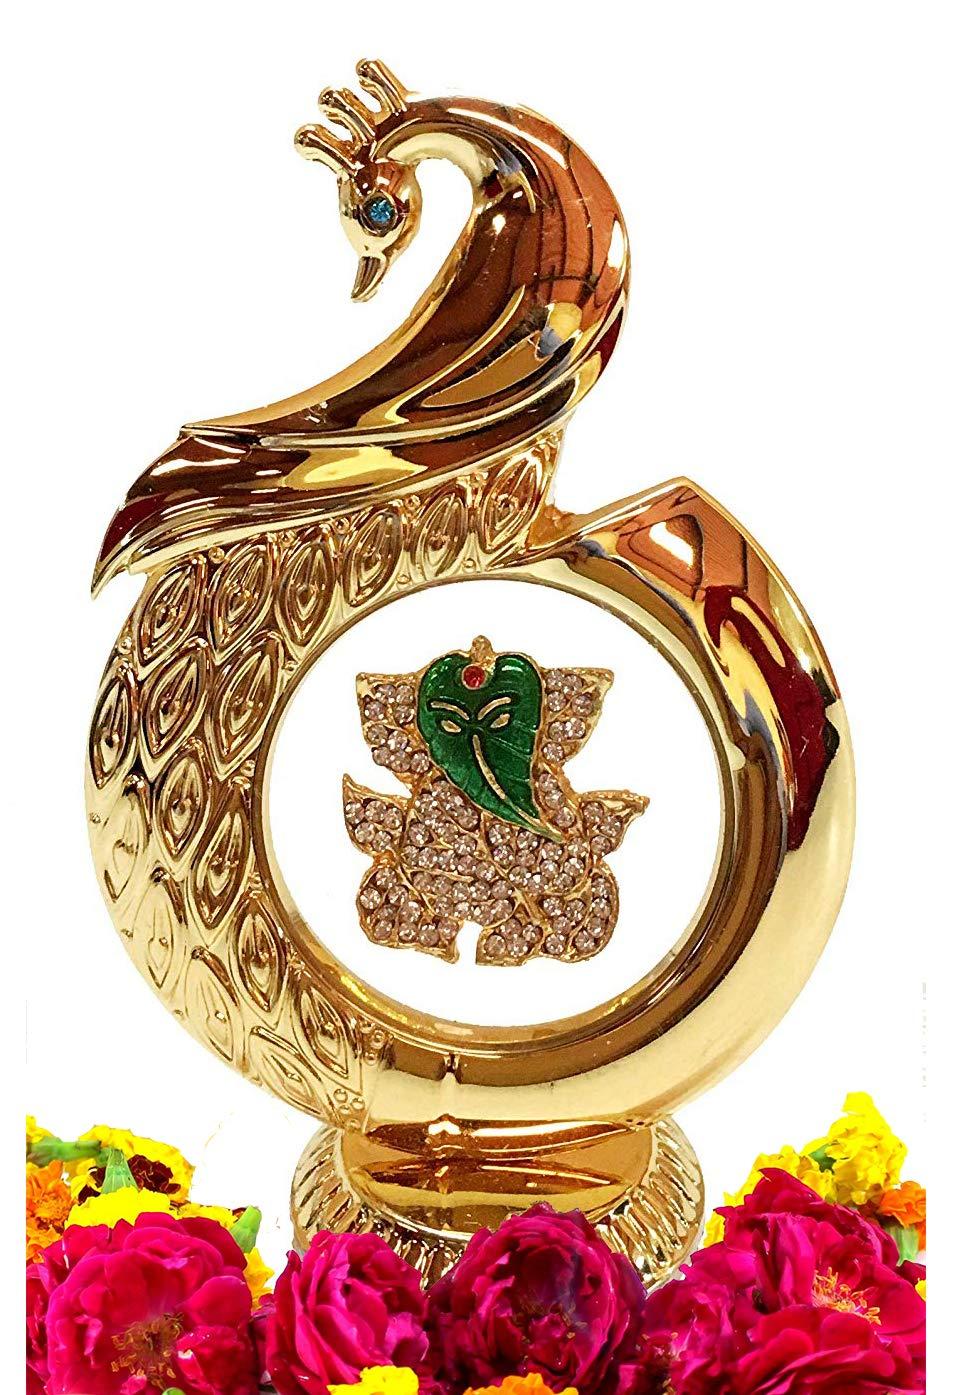 Diwali Gifts - Peacock Shaped Ganesh